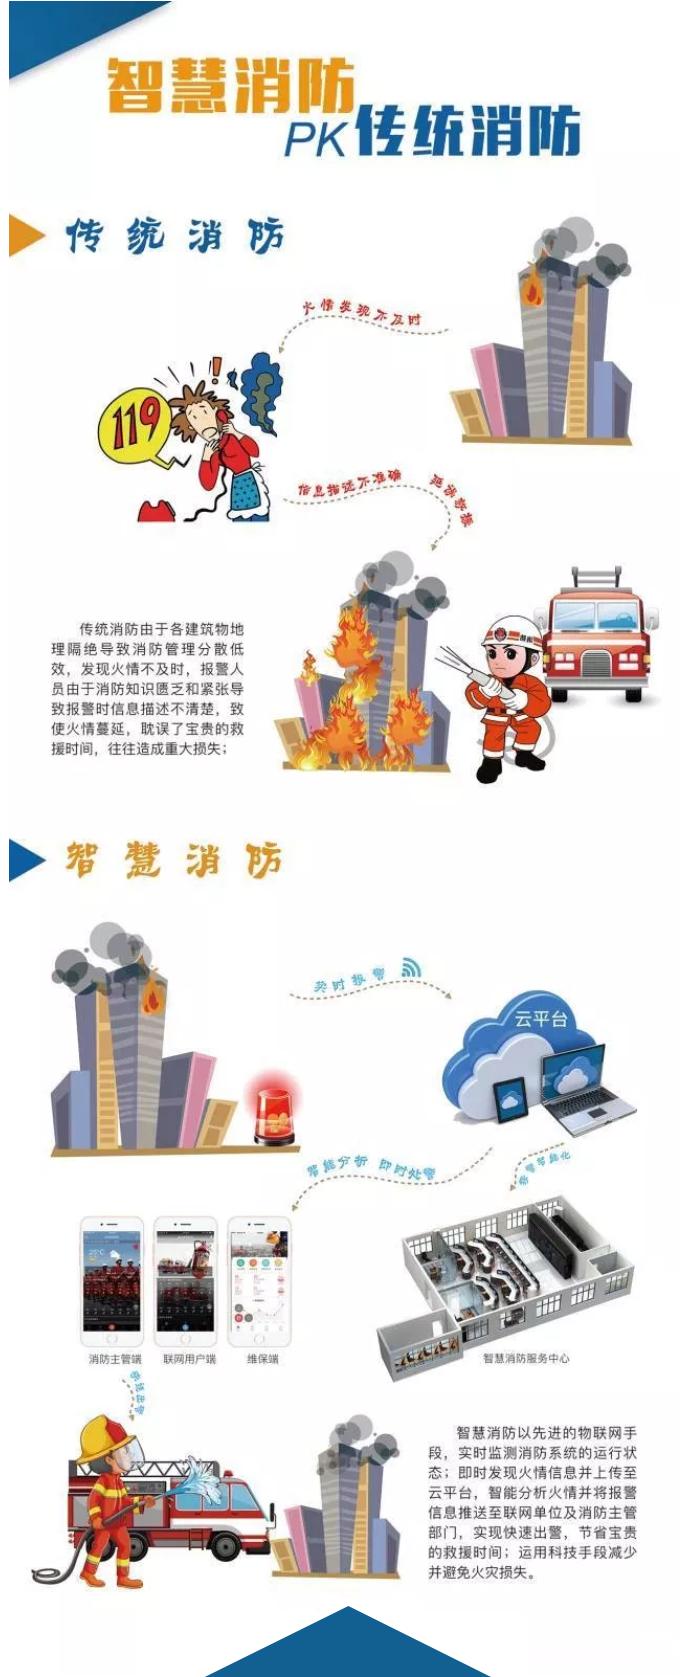 一张图读懂智慧消防.png